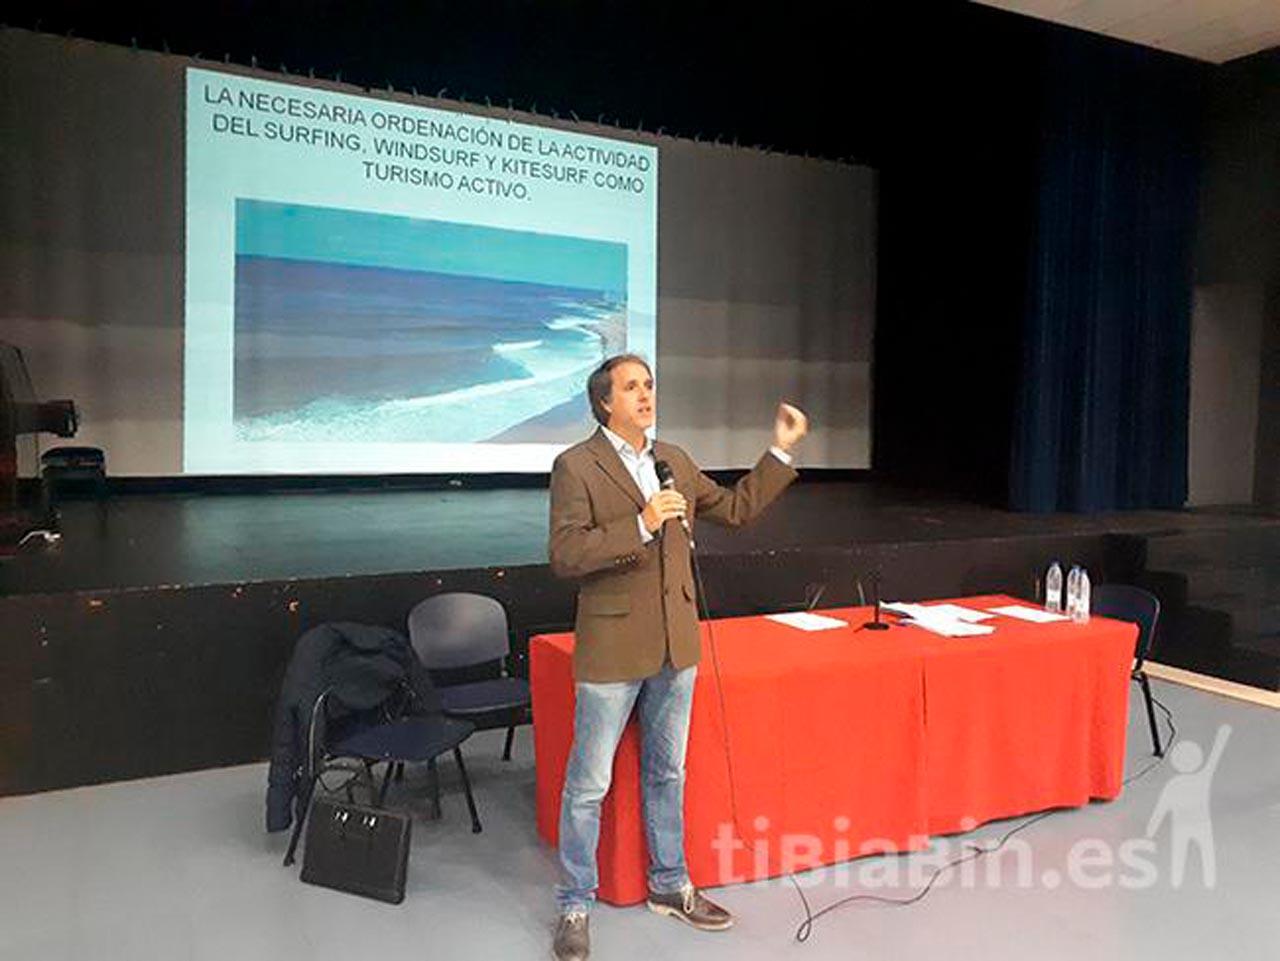 La Oliva apuesta por un modelo de calidad en la regulación de las escuelas de surf, windsurf, kite, SUP y kayak